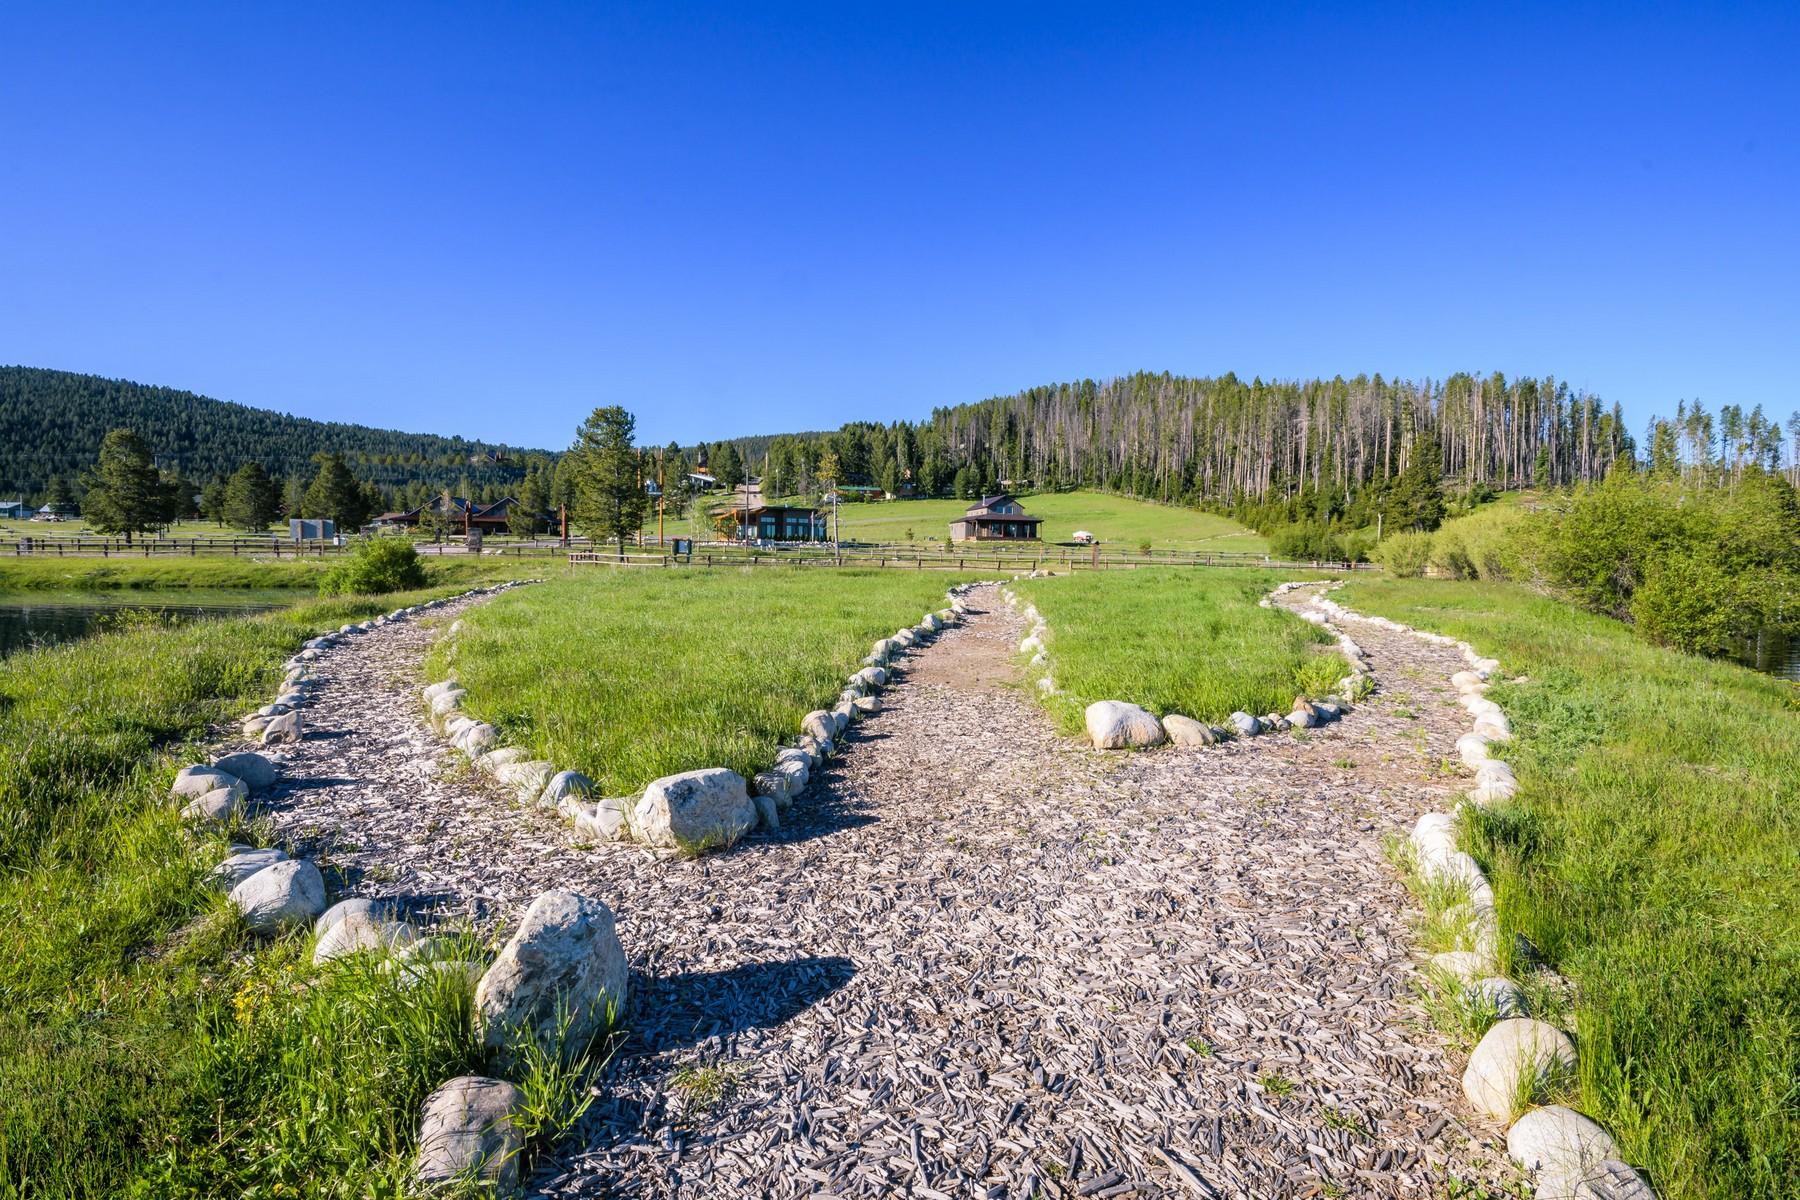 Terreno per Vendita alle ore Lot 1 Fox Trail Way, Anaconda, MT 59711 Lot 1 Fox Trail Way Anaconda, Montana, 59711 Stati Uniti